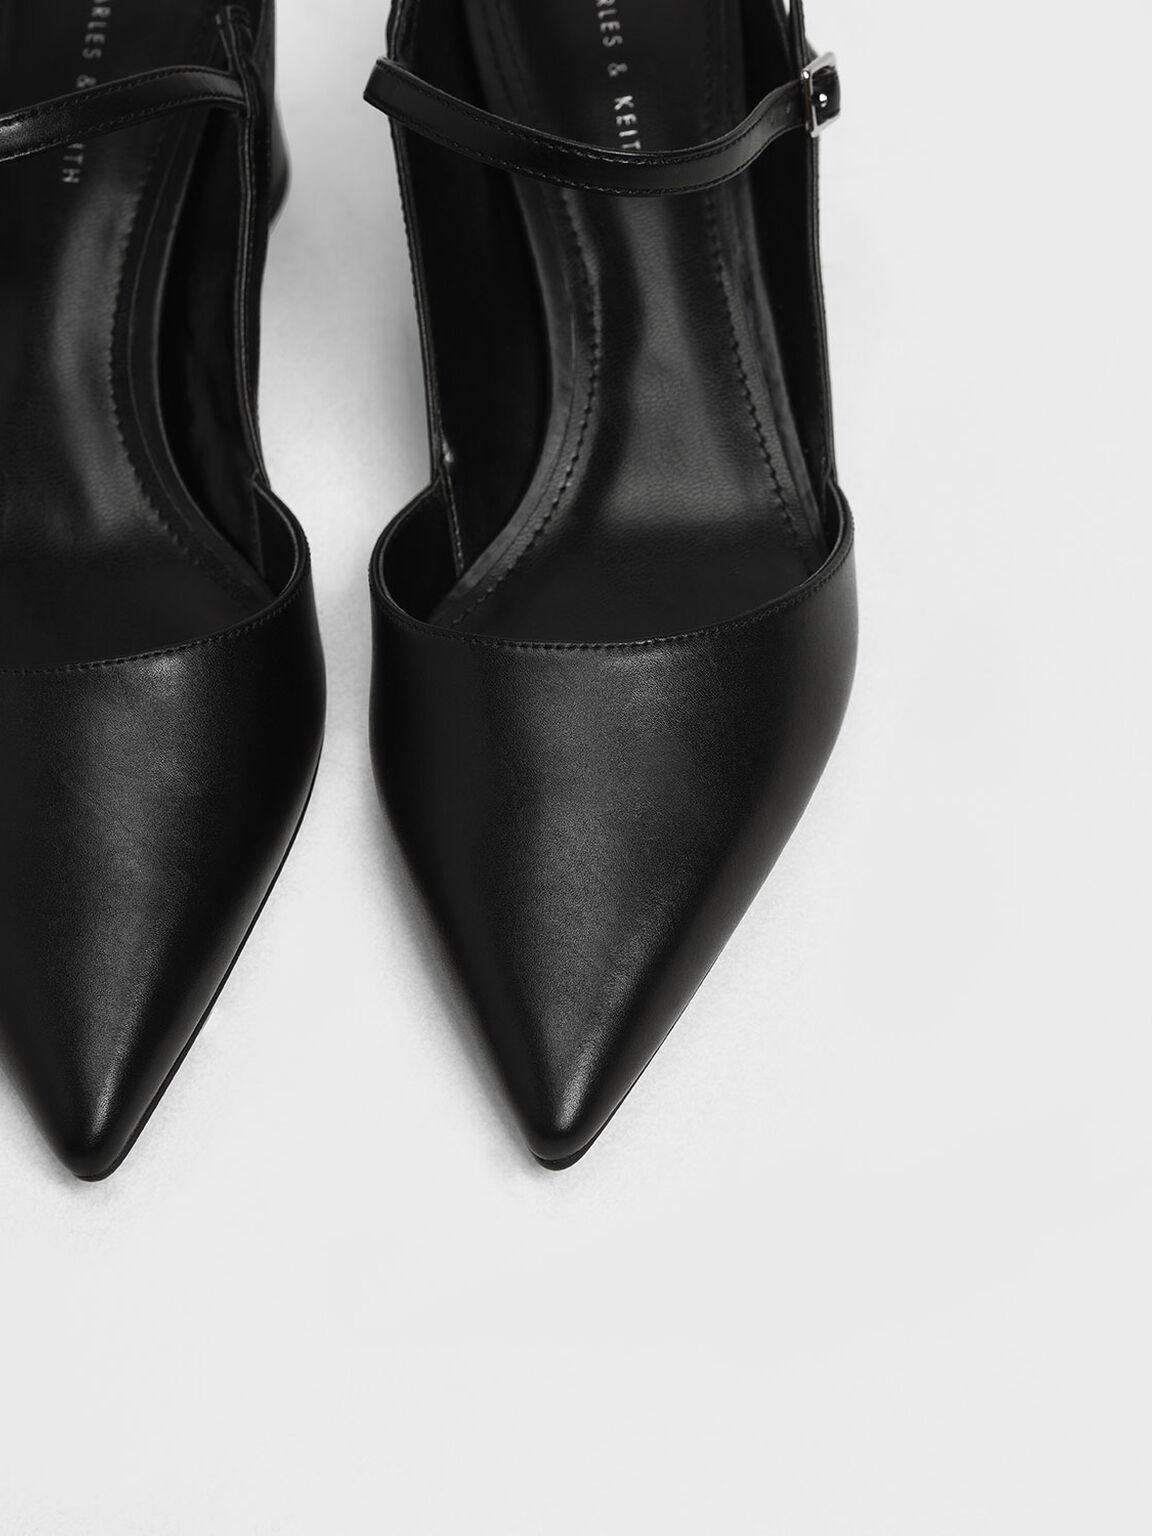 Circular Block Heel Slingbacks, Black, hi-res